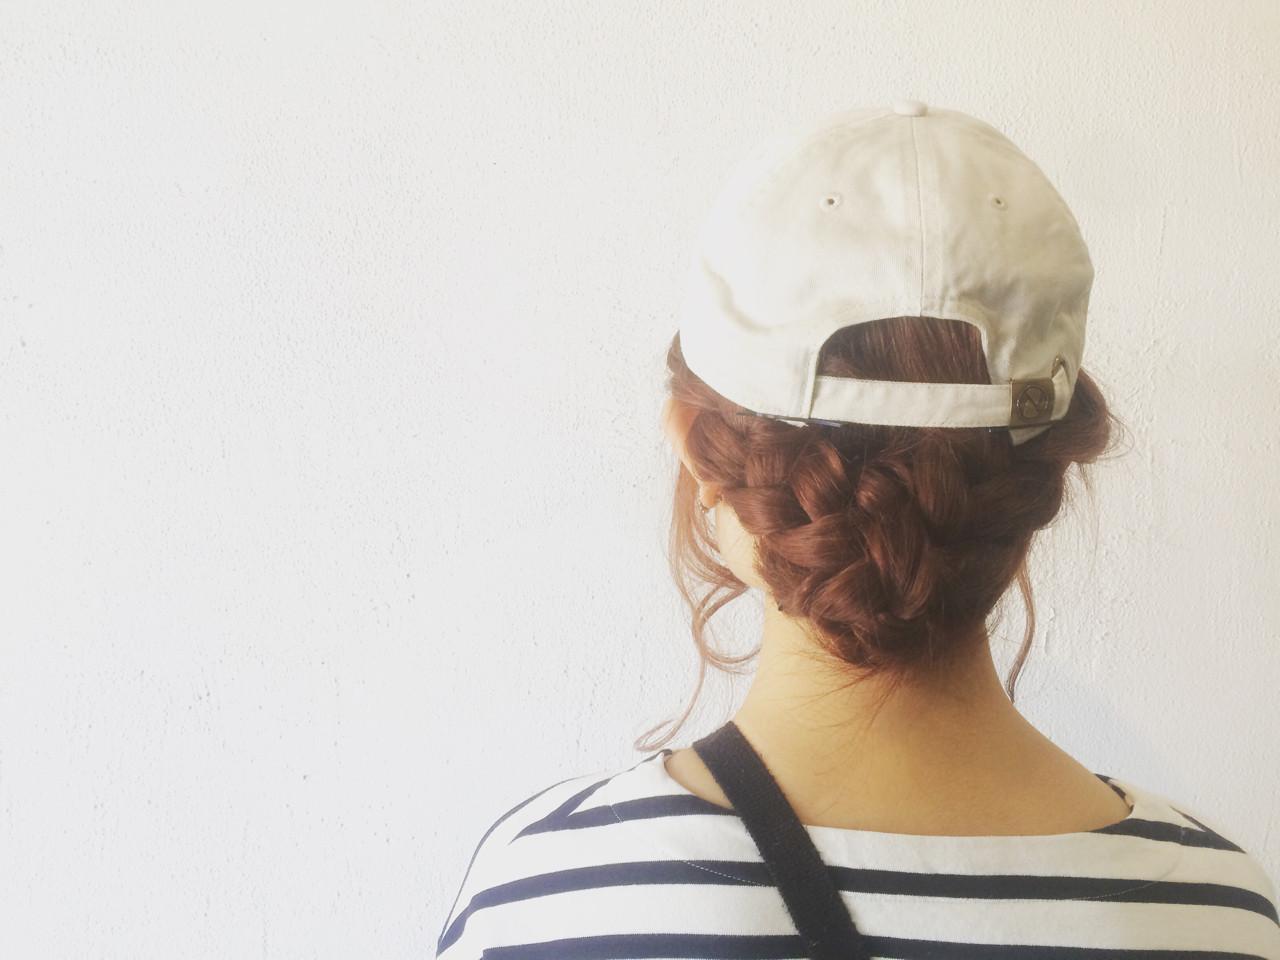 キャップと相性が良い髪型は?とっておき可愛いヘアスタイルをPickUp 尾崎裕介